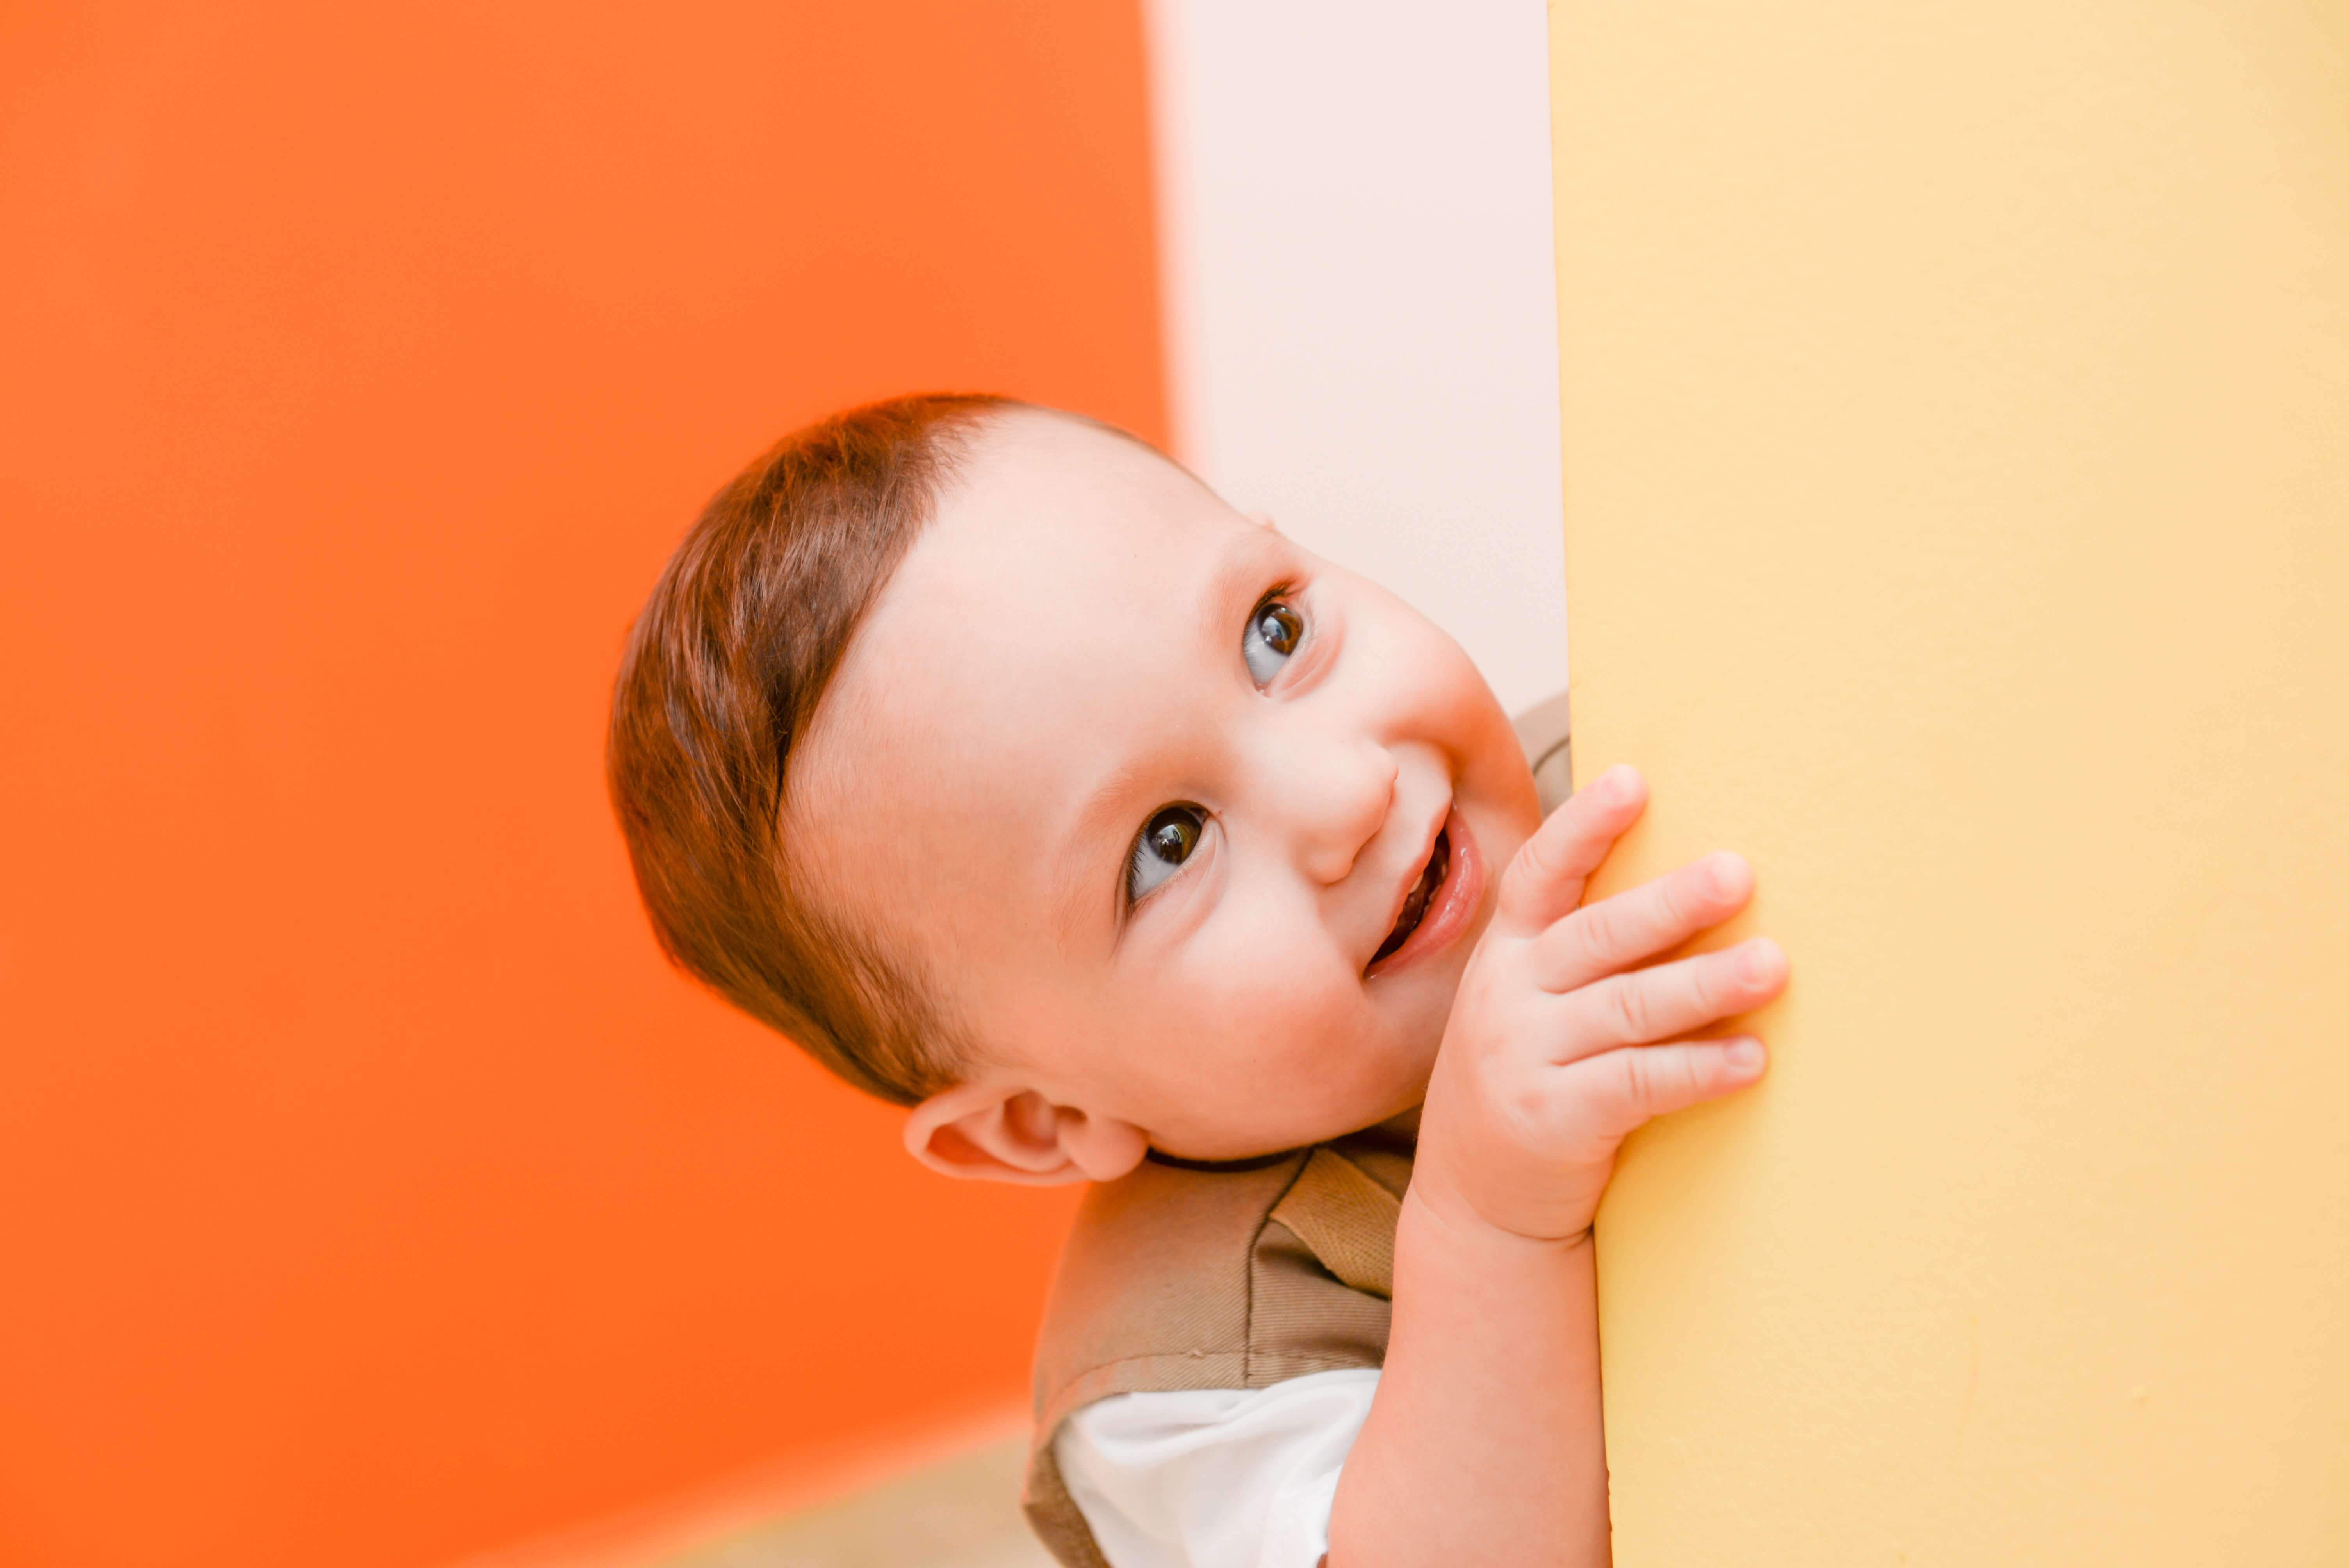 comment enseigner le ménage à ses enfants ? enfant qui se cache derrière un mur beige